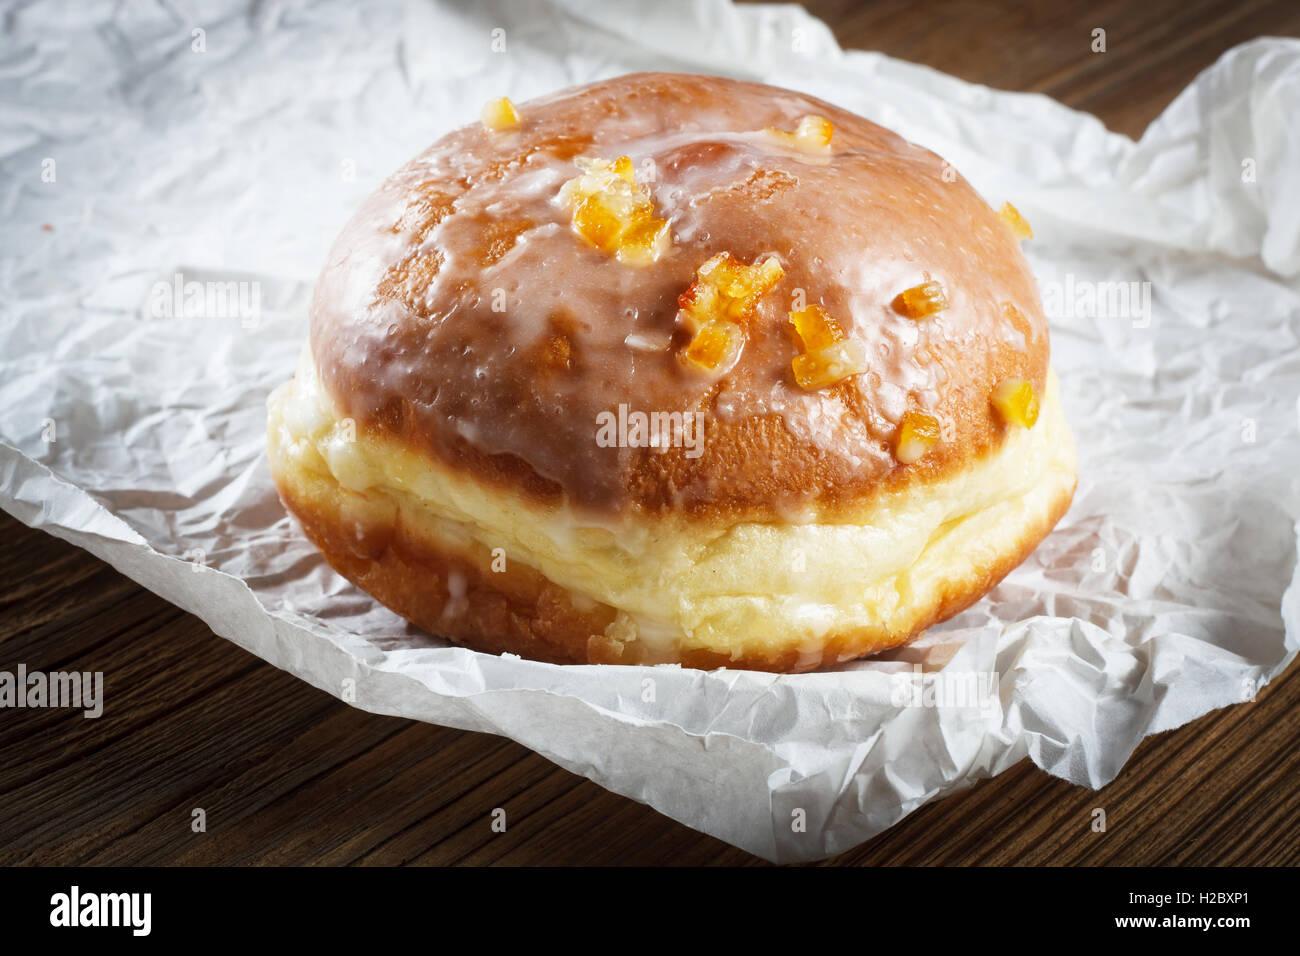 Donut gefüllt mit Rosen-Marmelade Stockbild